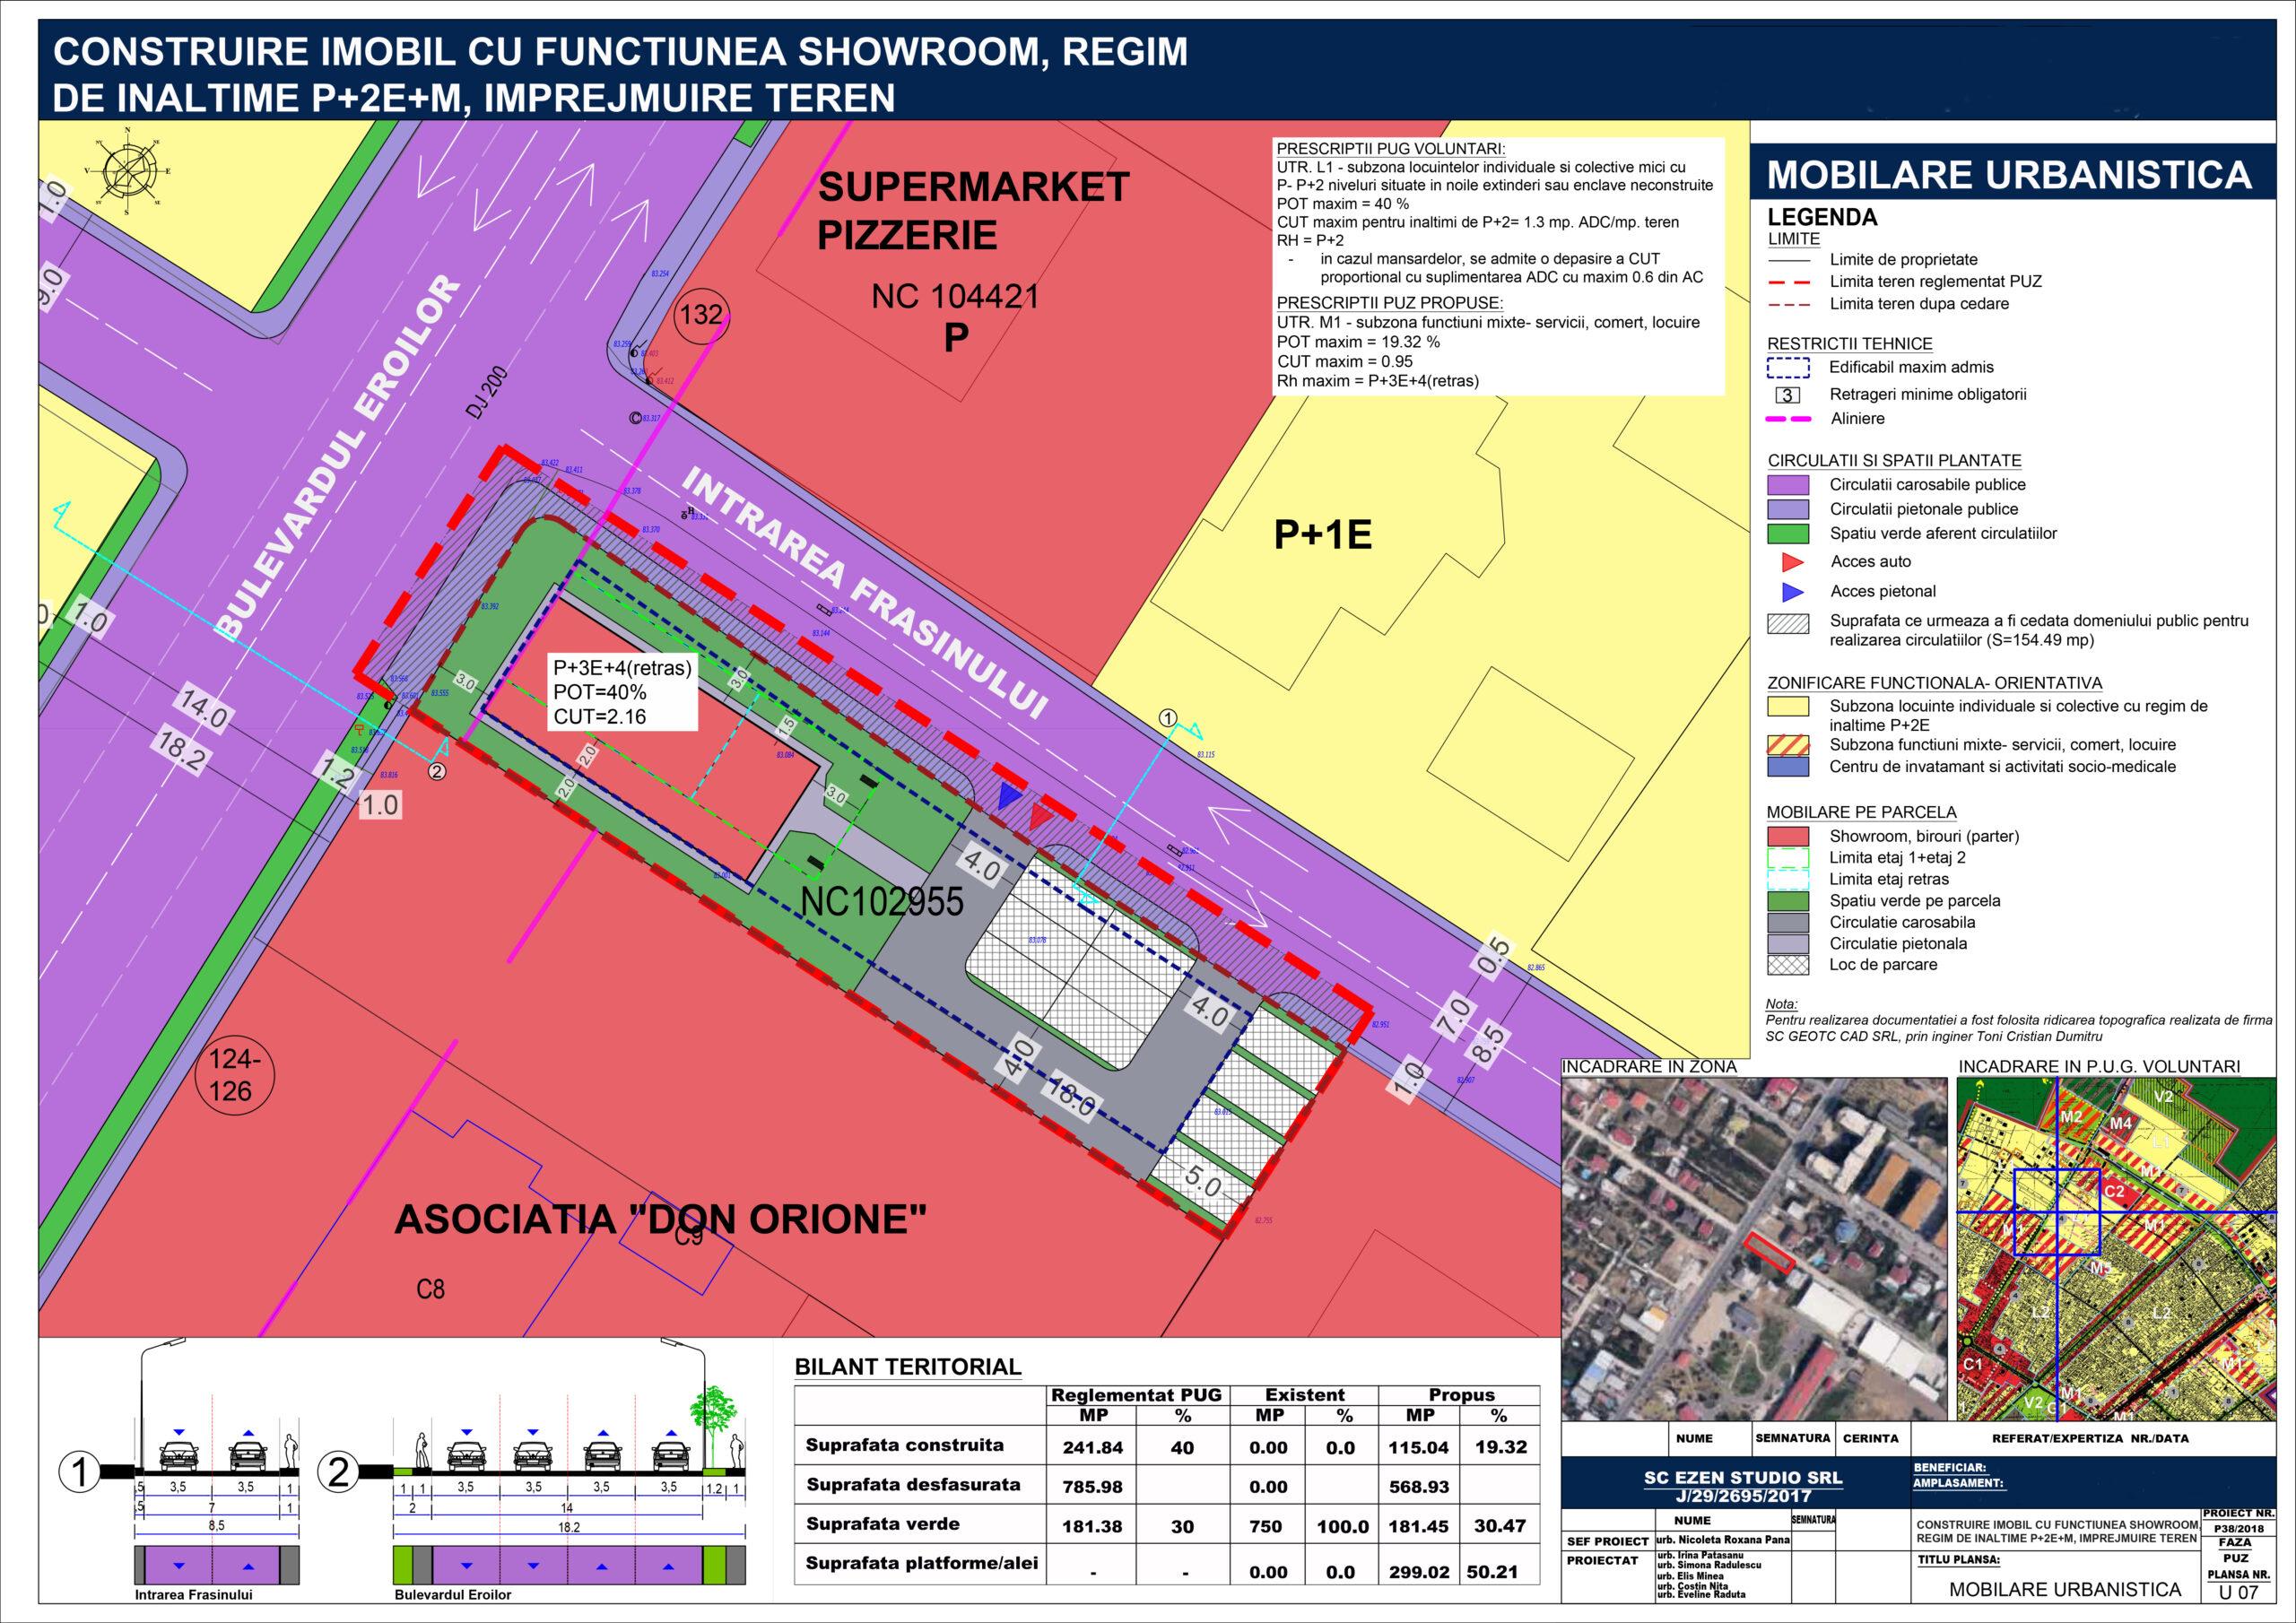 Continuare elaborare PUZ în vederea autorizării obiectivului de investiție - Construire imobil clădire cu regim de înălțime Ds+P+3E+ER, cu funcțiune mixtă (showroom, comerț, birouri, locuințe), împrejmuire teren, racorduri/branșamente, utilități - U07 -Mobilare urbanistică - A2